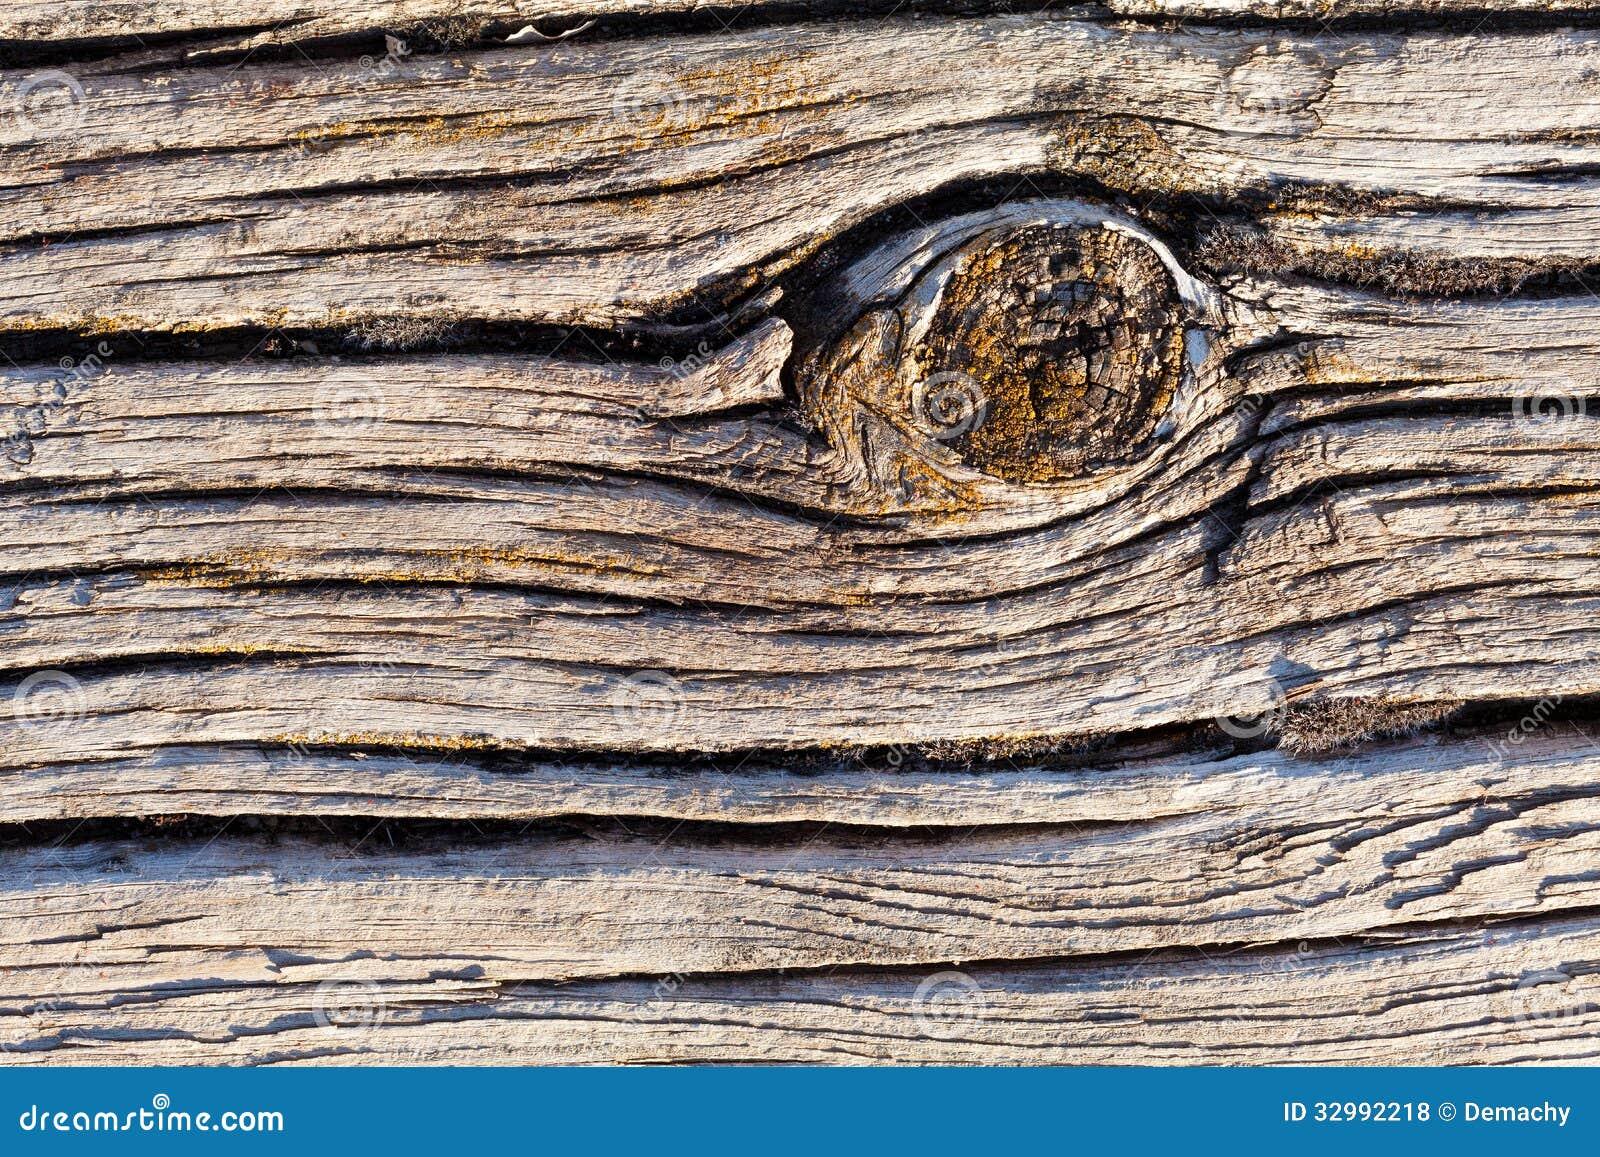 Vieille planche en bois photos libres de droits image 32992218 - Vieilles planches de bois ...